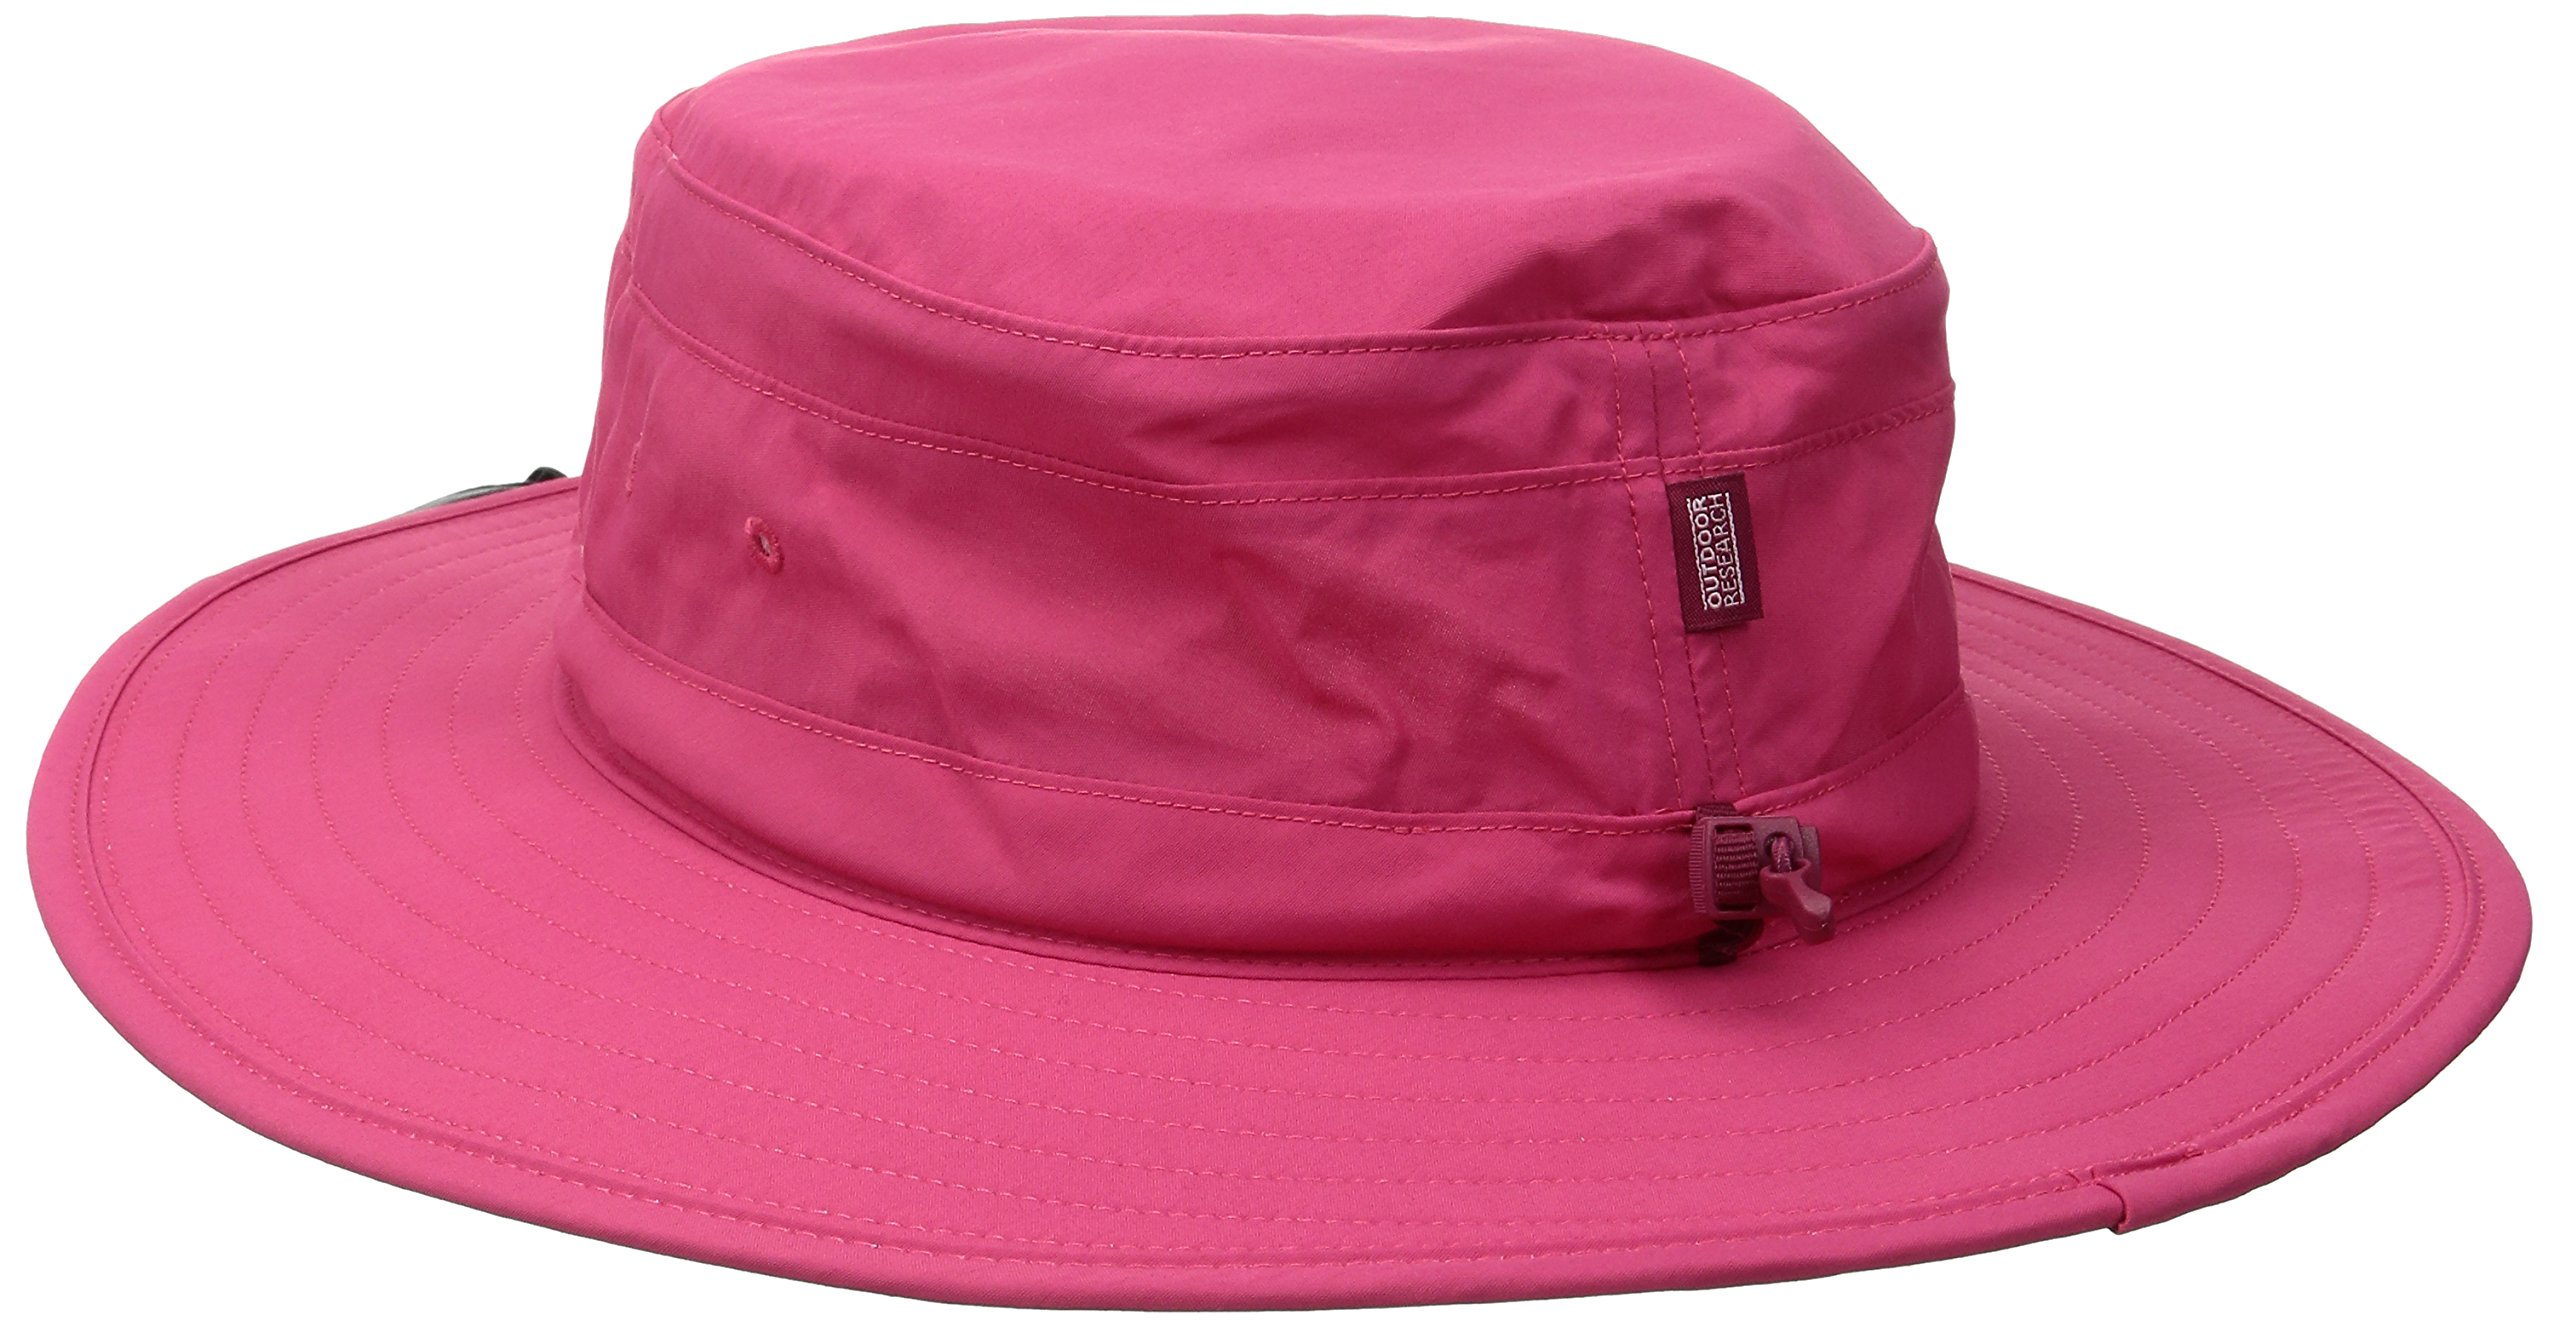 4e4a8b00 Details about Outdoor Research Women's Solar Roller Sun Hat, Desert  Sunrise/Dark Grey, Medium